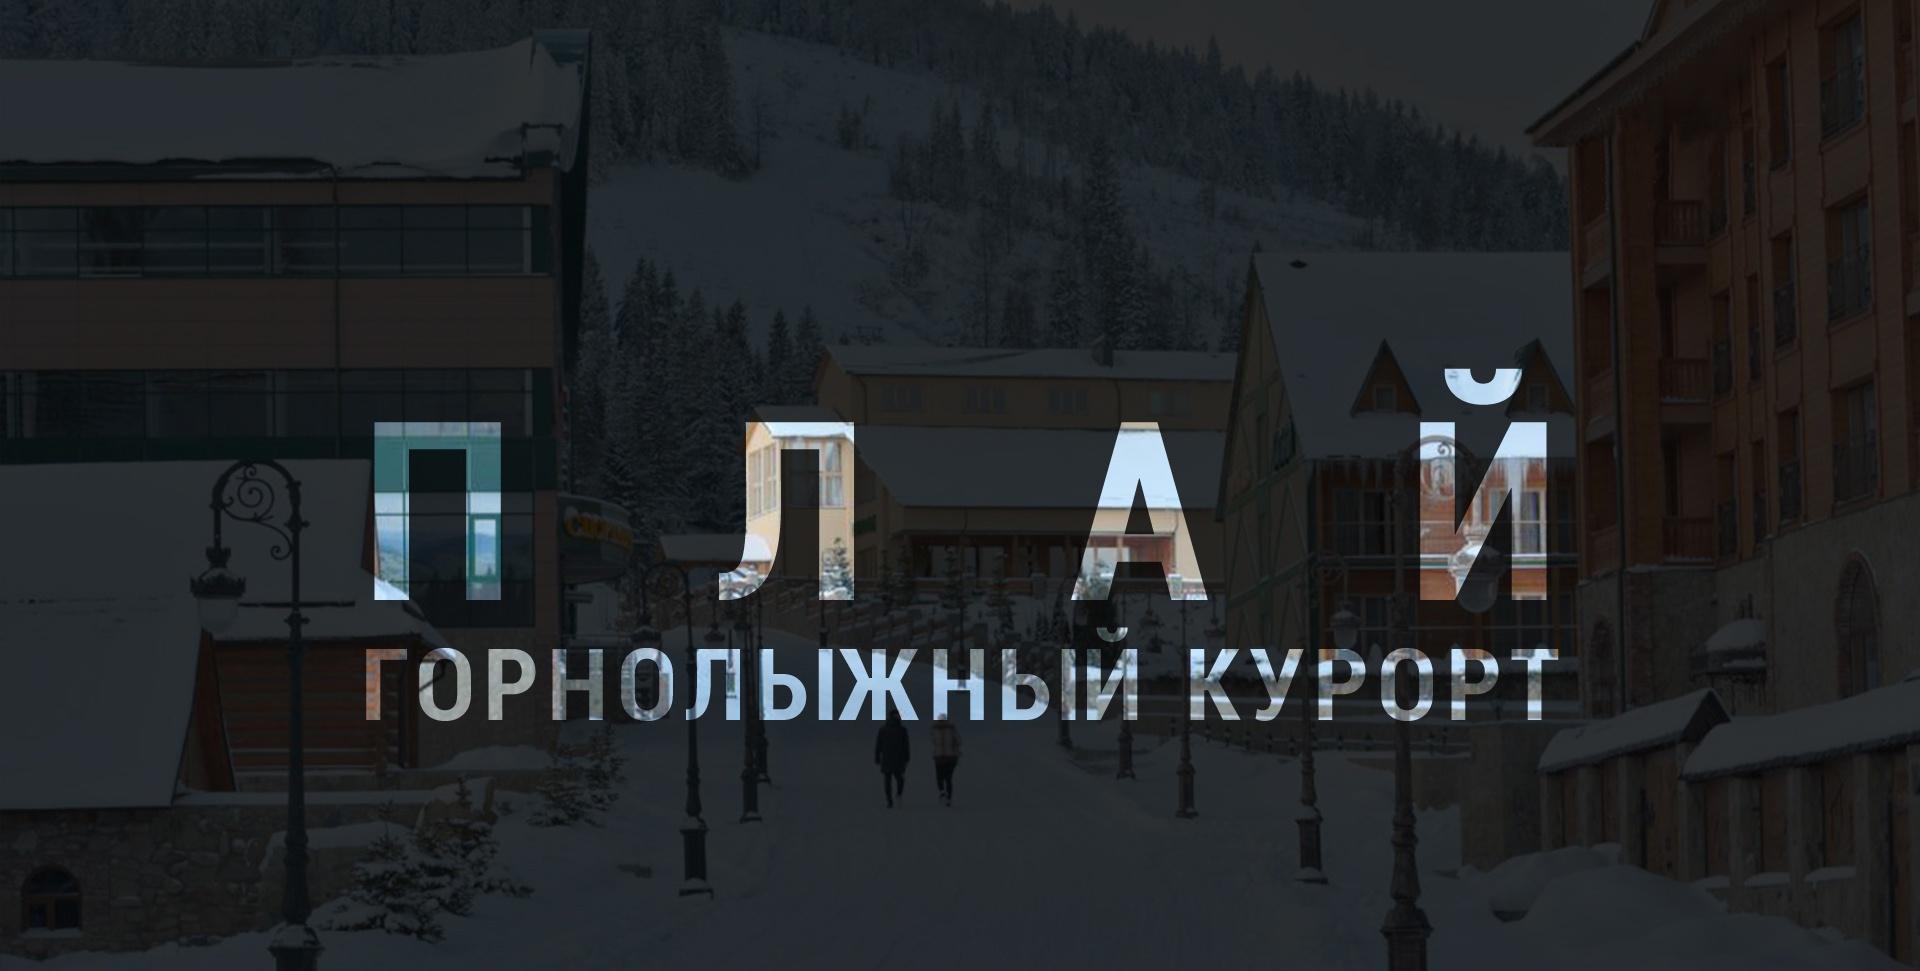 zimnie-kyrorty-ukrainu-1_01